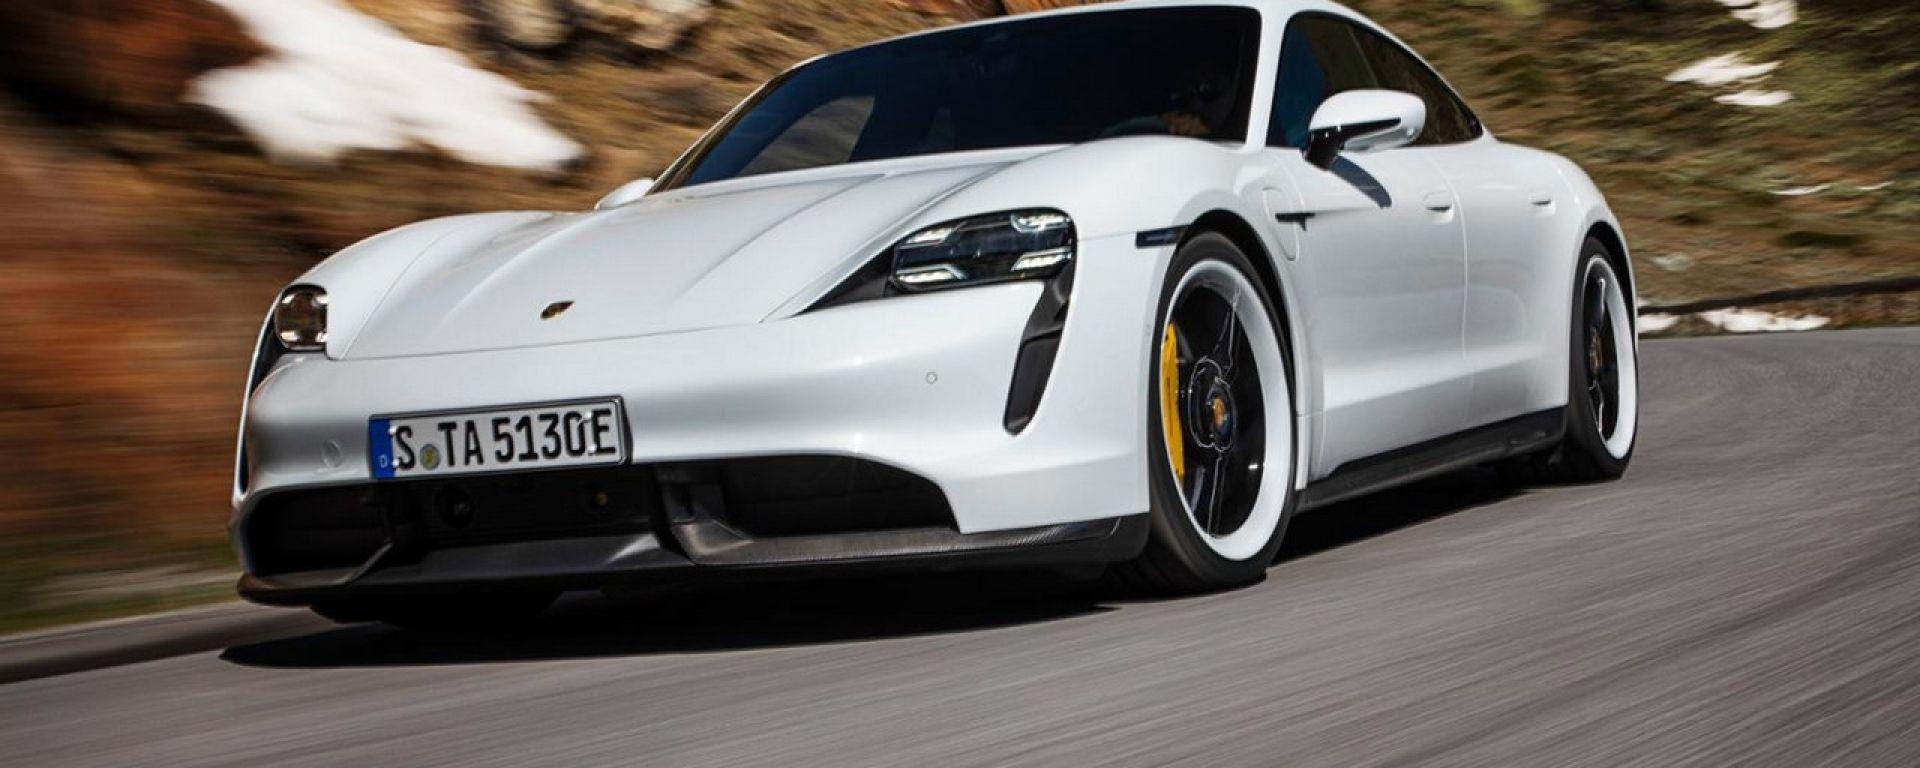 Porsche Taycan: arrivano la Turno e la Turbo S